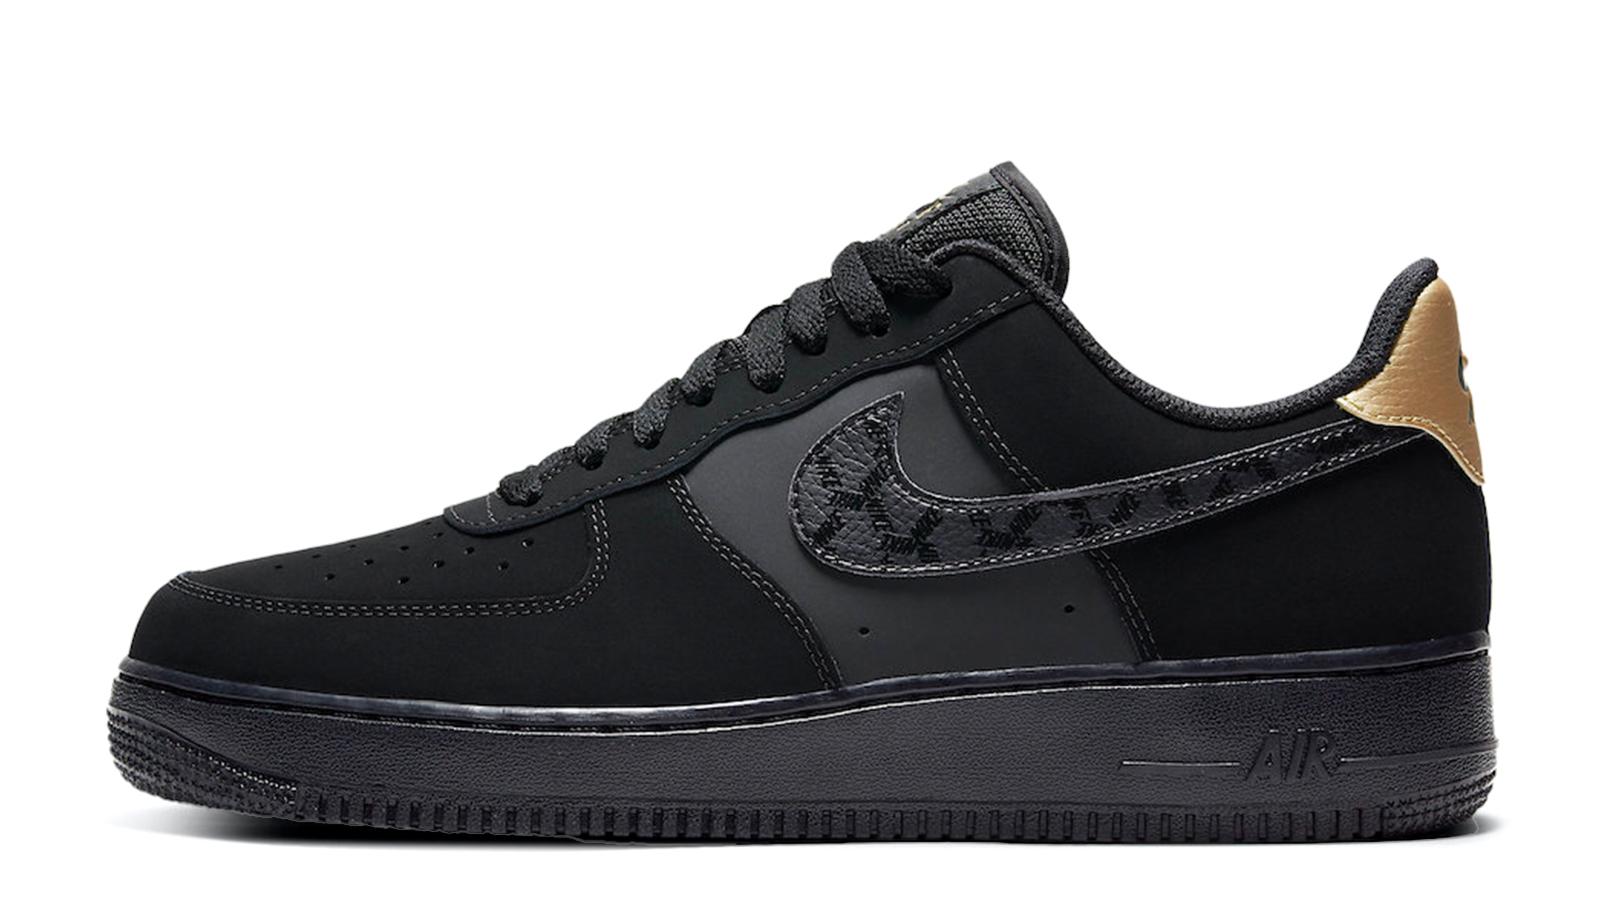 Nike Air Force 1 Low Black Metallic Gold DH2473-001